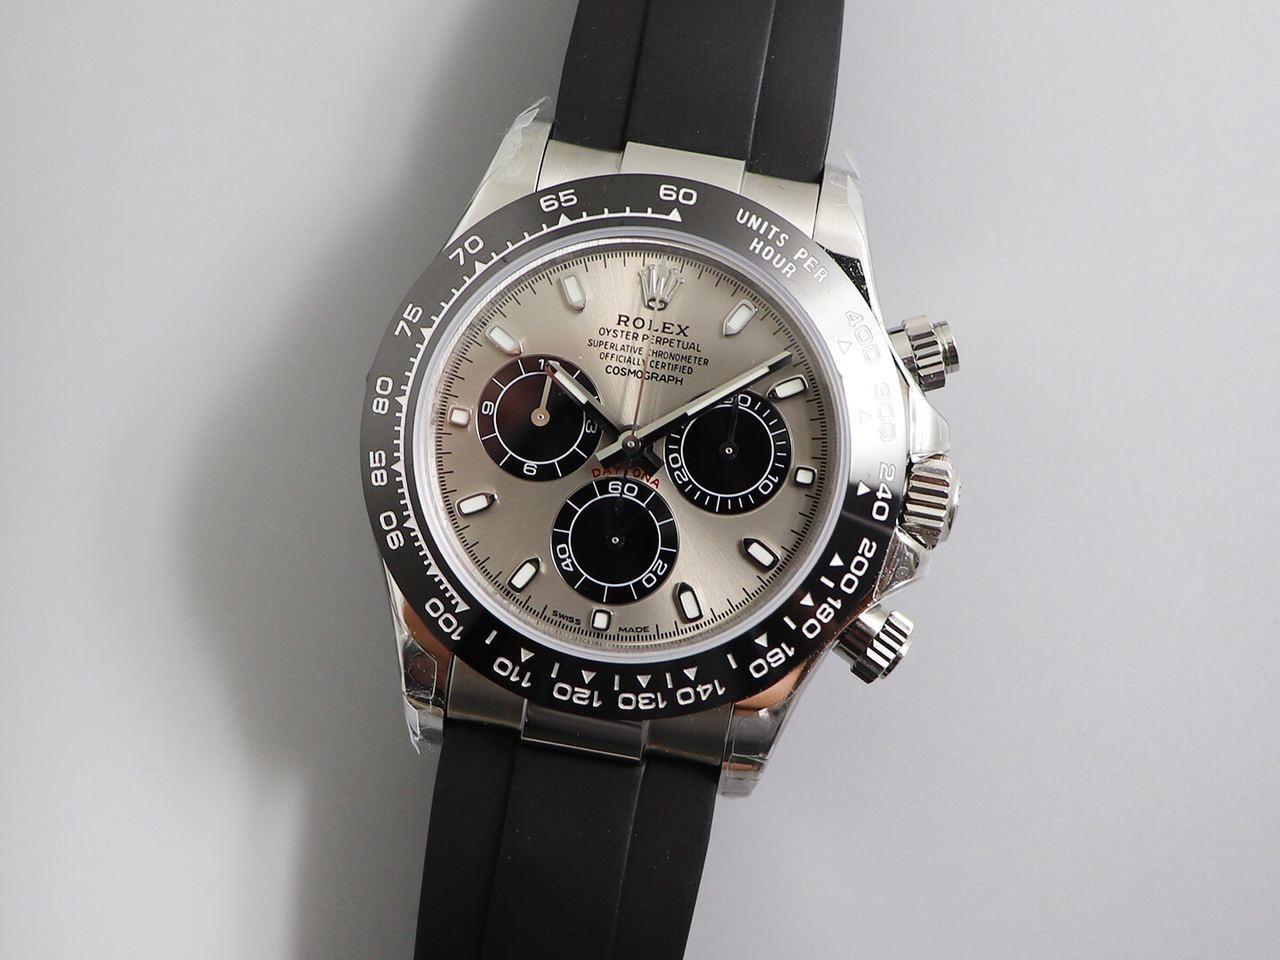 Часы Rolex Oyster Perpetual Cosmograph Daytona арт. 109-21